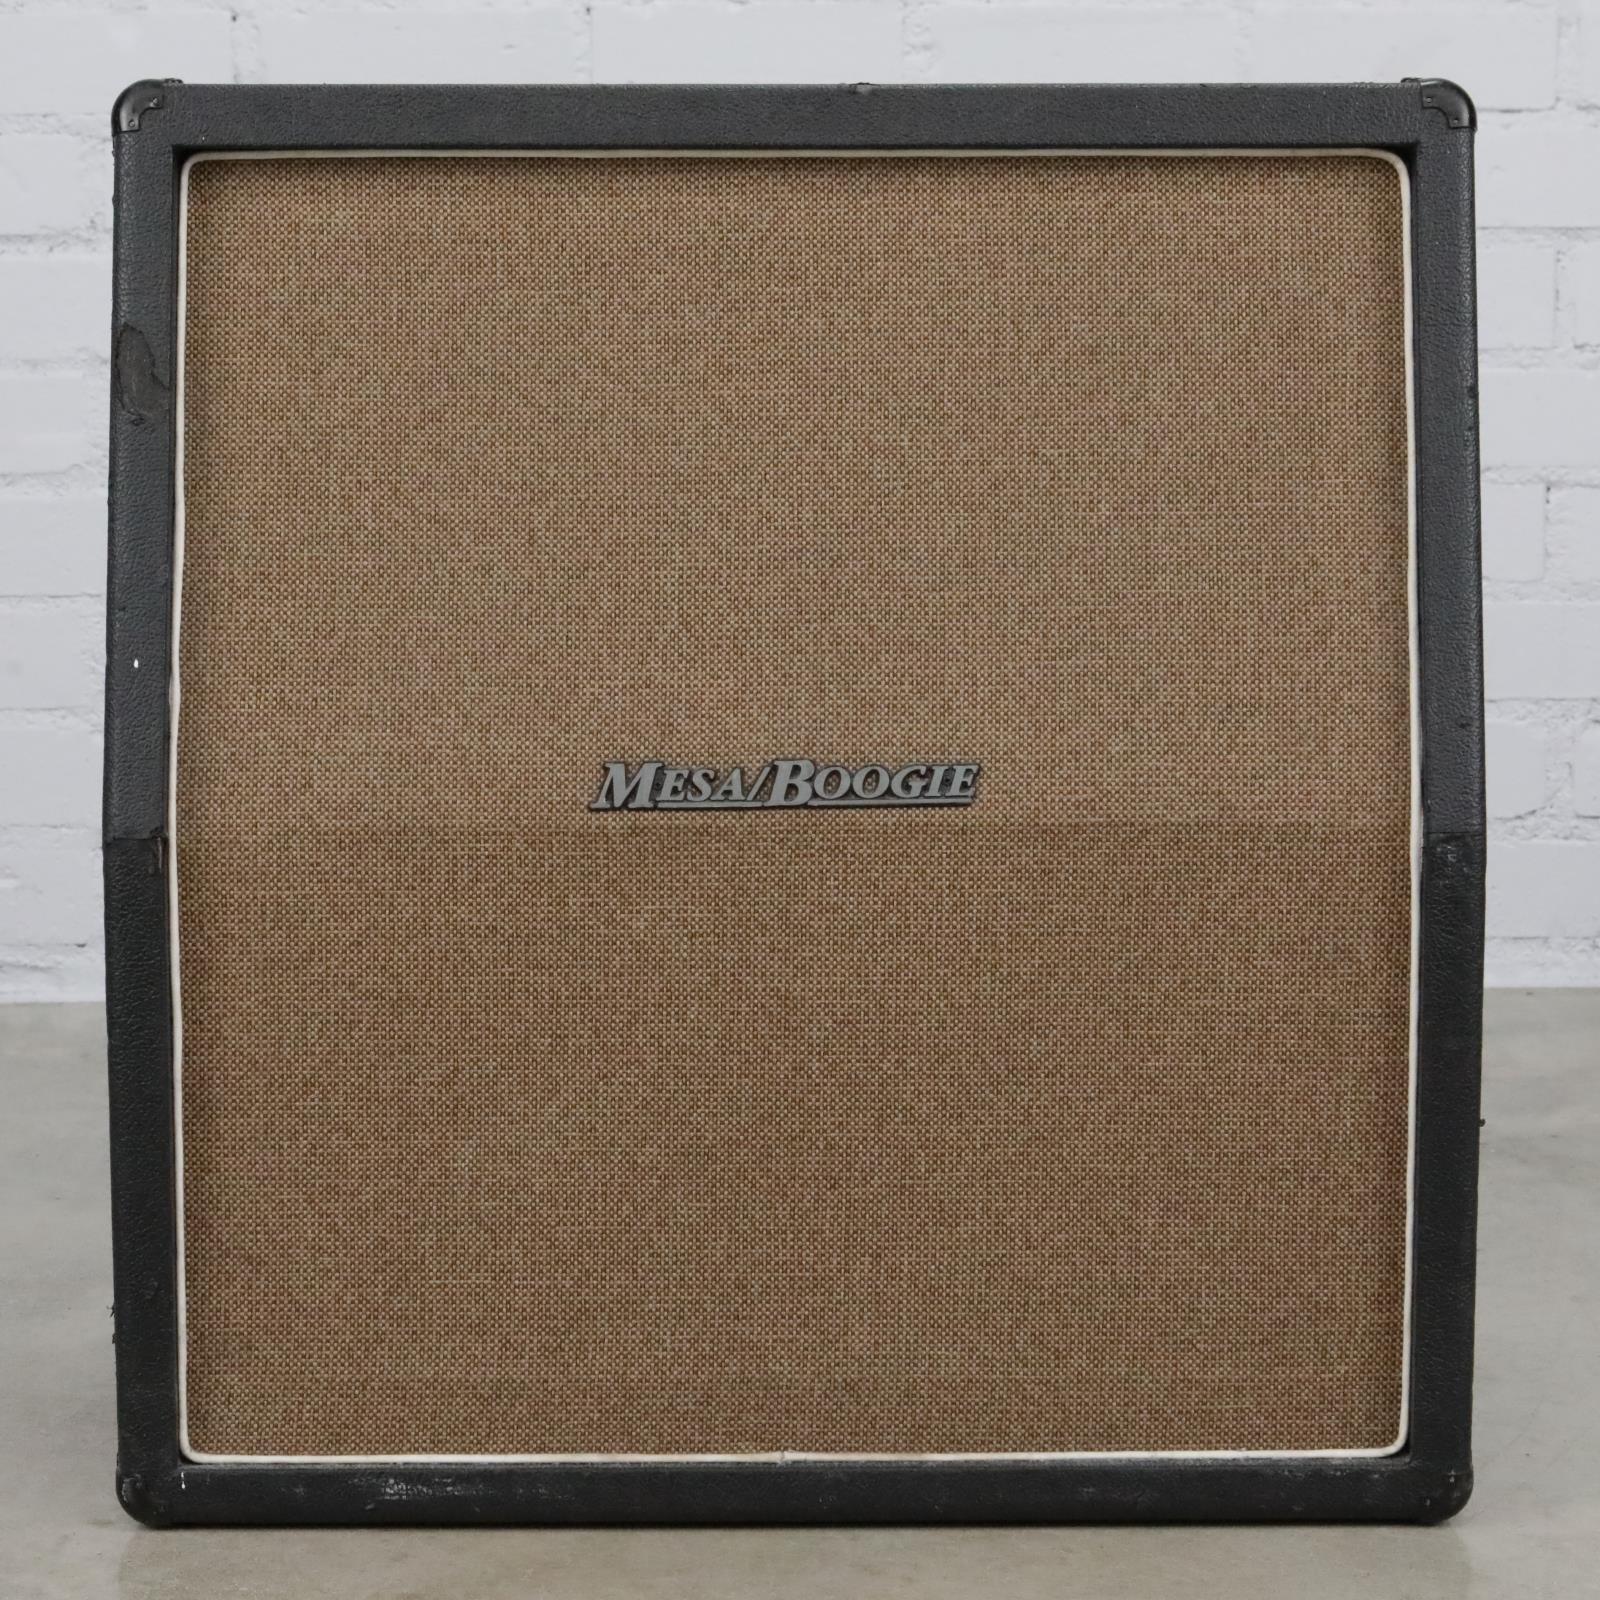 Mesa Boogie 4x12 Half Back Cab Celestion Vintage 30 & Eminence Speakers #40198